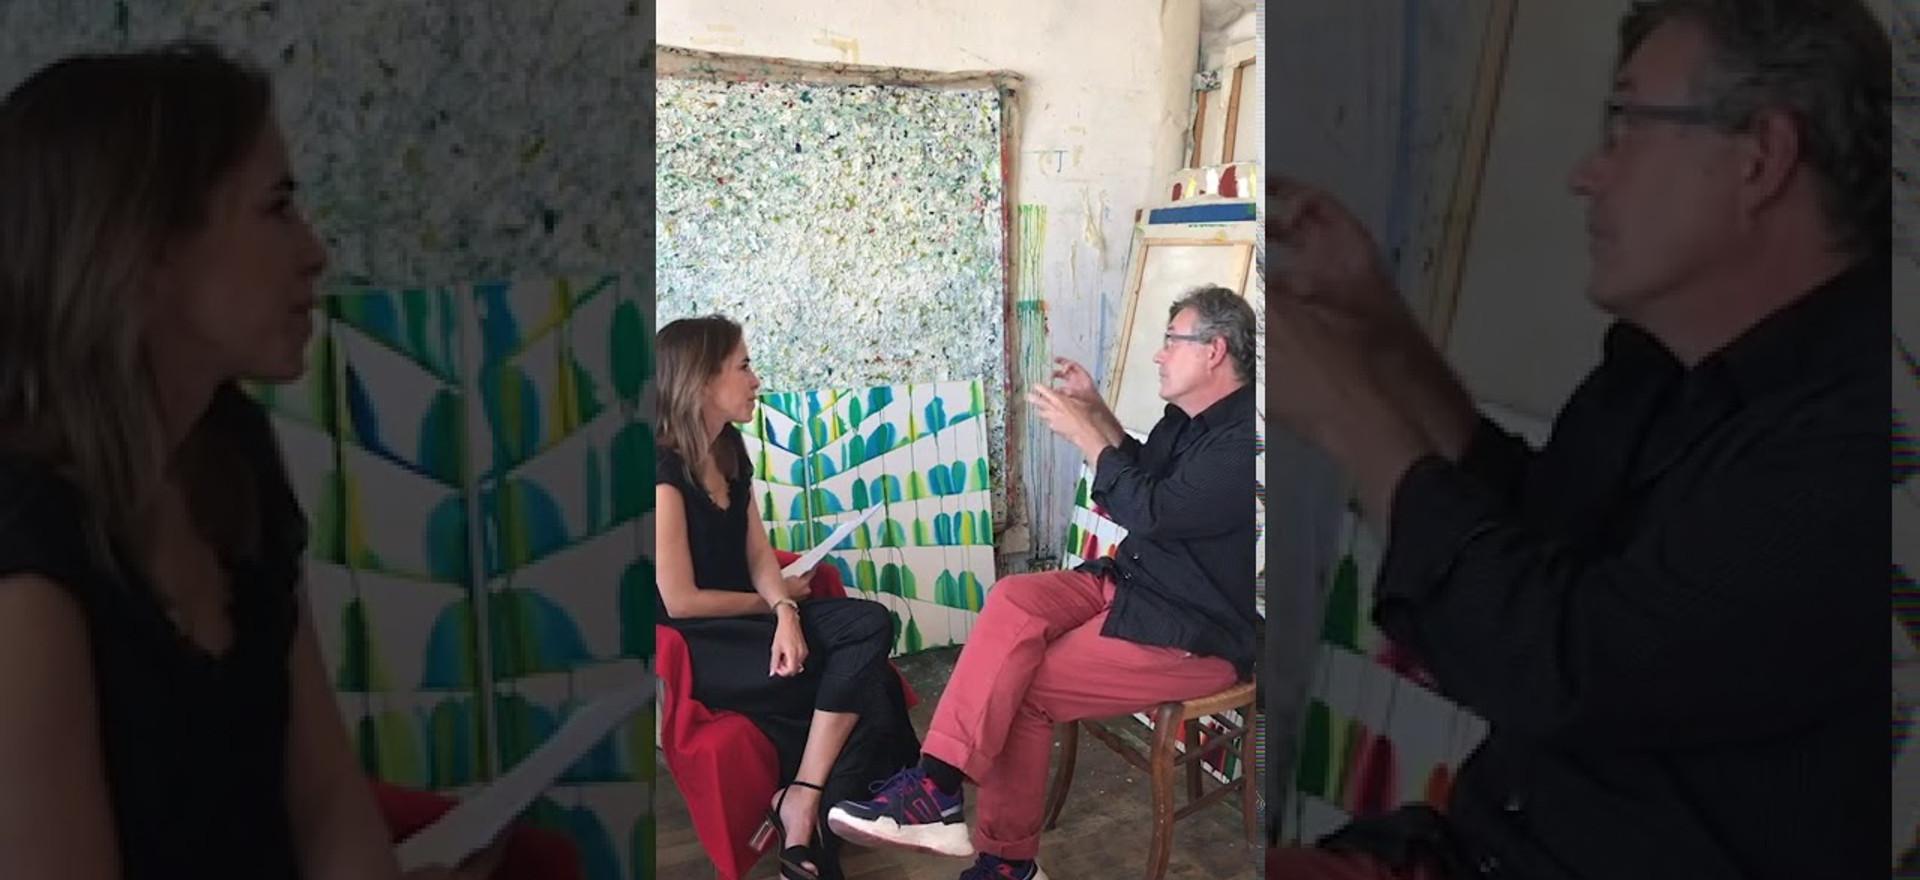 2020. En este encuentro, Inés Etchebarne, presidenta de la Asociación de Amigos del Museo de Arte Moderno de Buenos Aires, visita el taller de Martín Reyna, artista argentino que reside en Francia